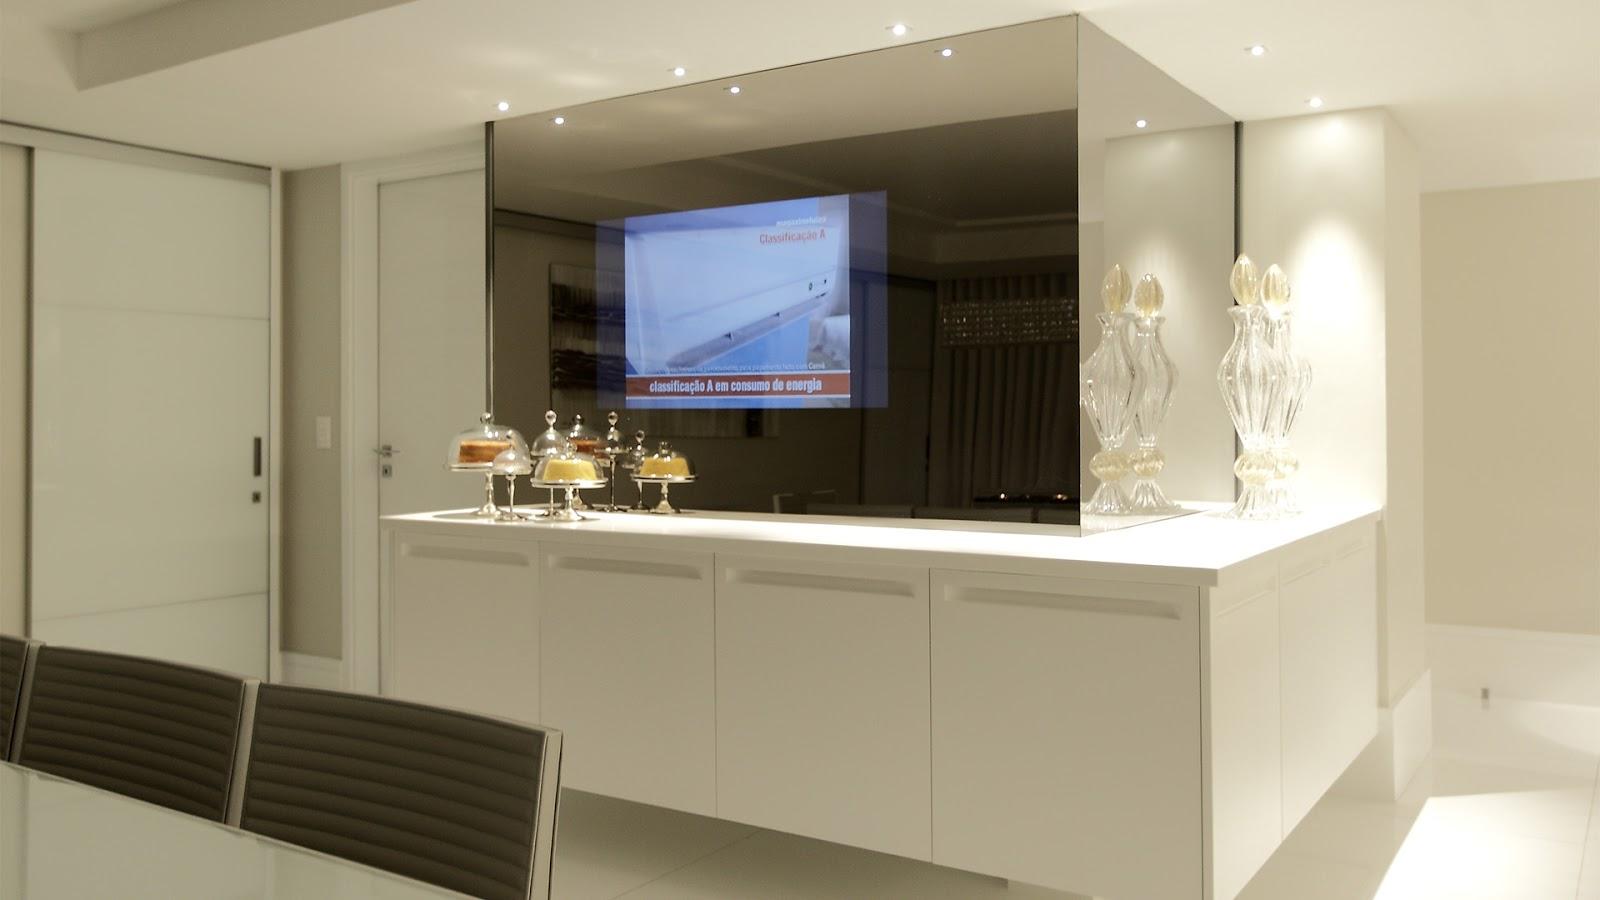 #365A95 Salas de estar jantar e tv integradas e decoradas de preto branco e  1600x900 píxeis em Decoração De Sala De Estar Branco E Preto